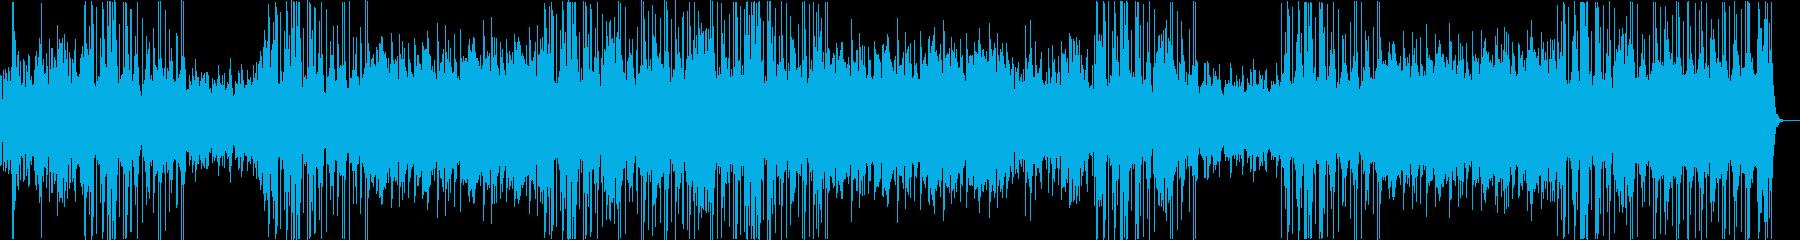 動画 技術的な 環境 静か ハイテ...の再生済みの波形